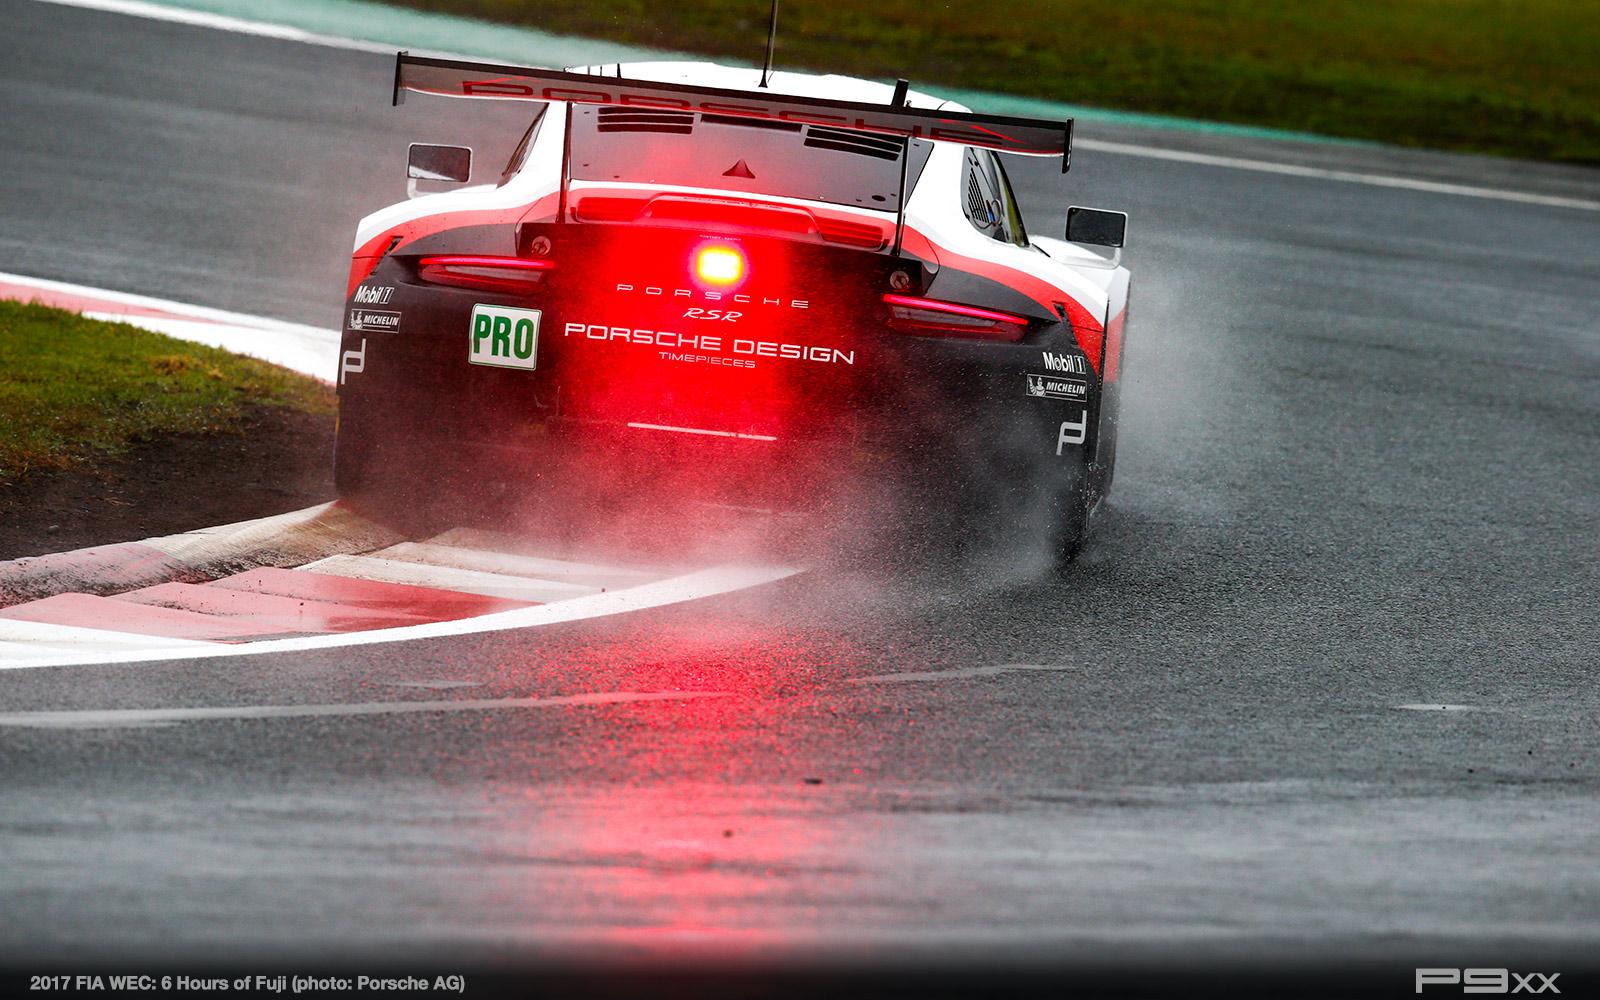 2017-FIA-WEC-6h-of-Fuji-Porsche-349